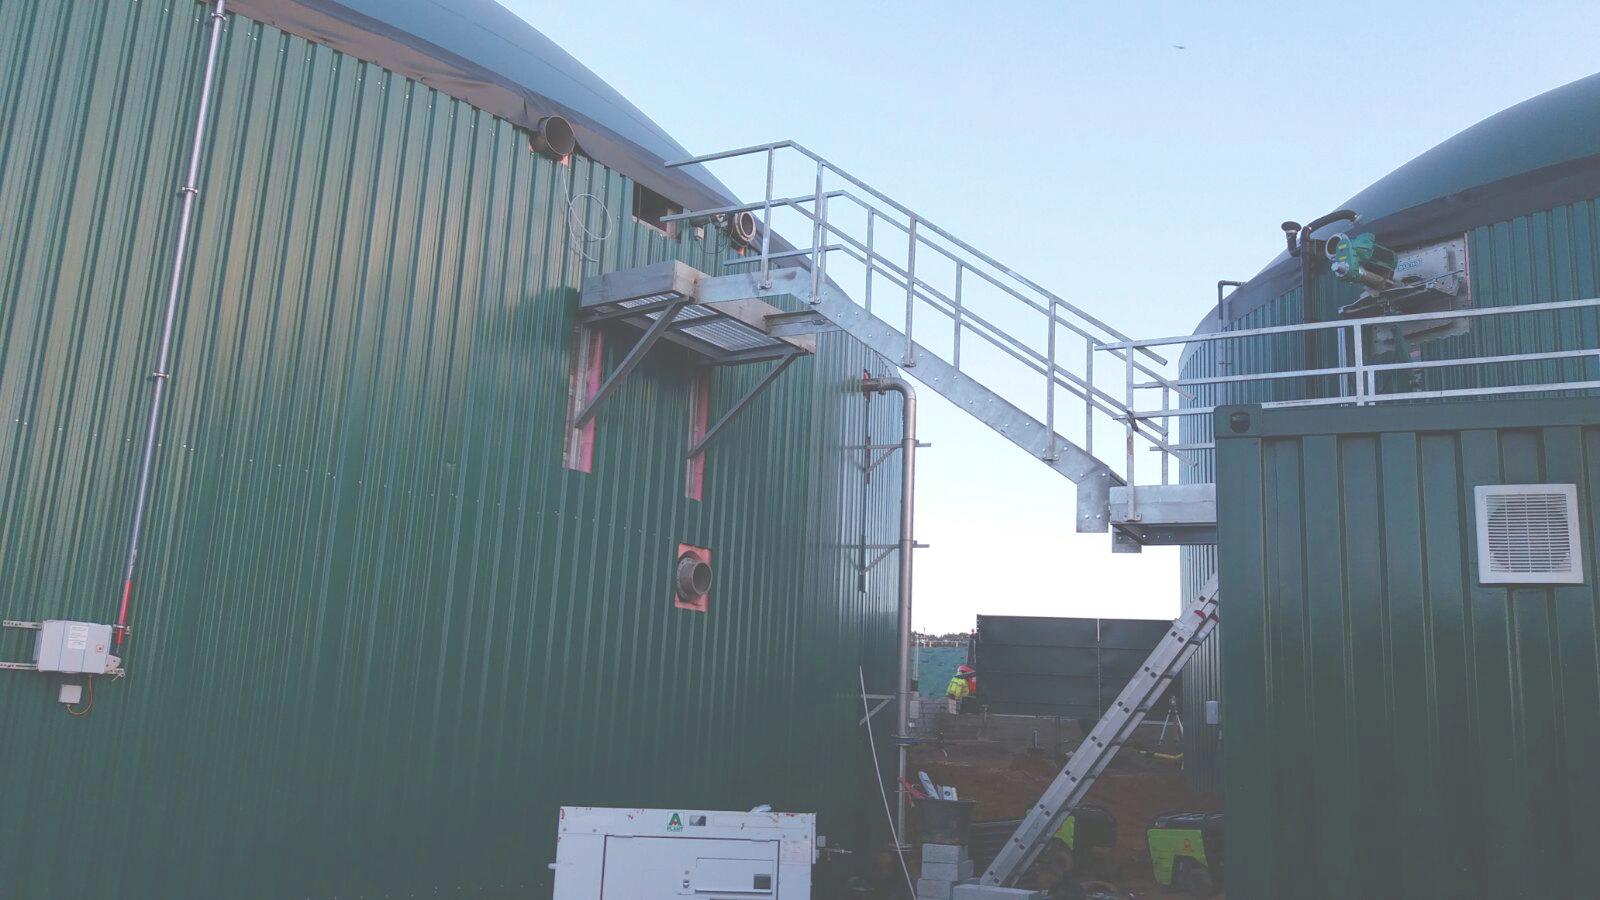 02 Escaleras y Plataformas-Planta de Biogás de 1MW en Stracathro Reino Unido